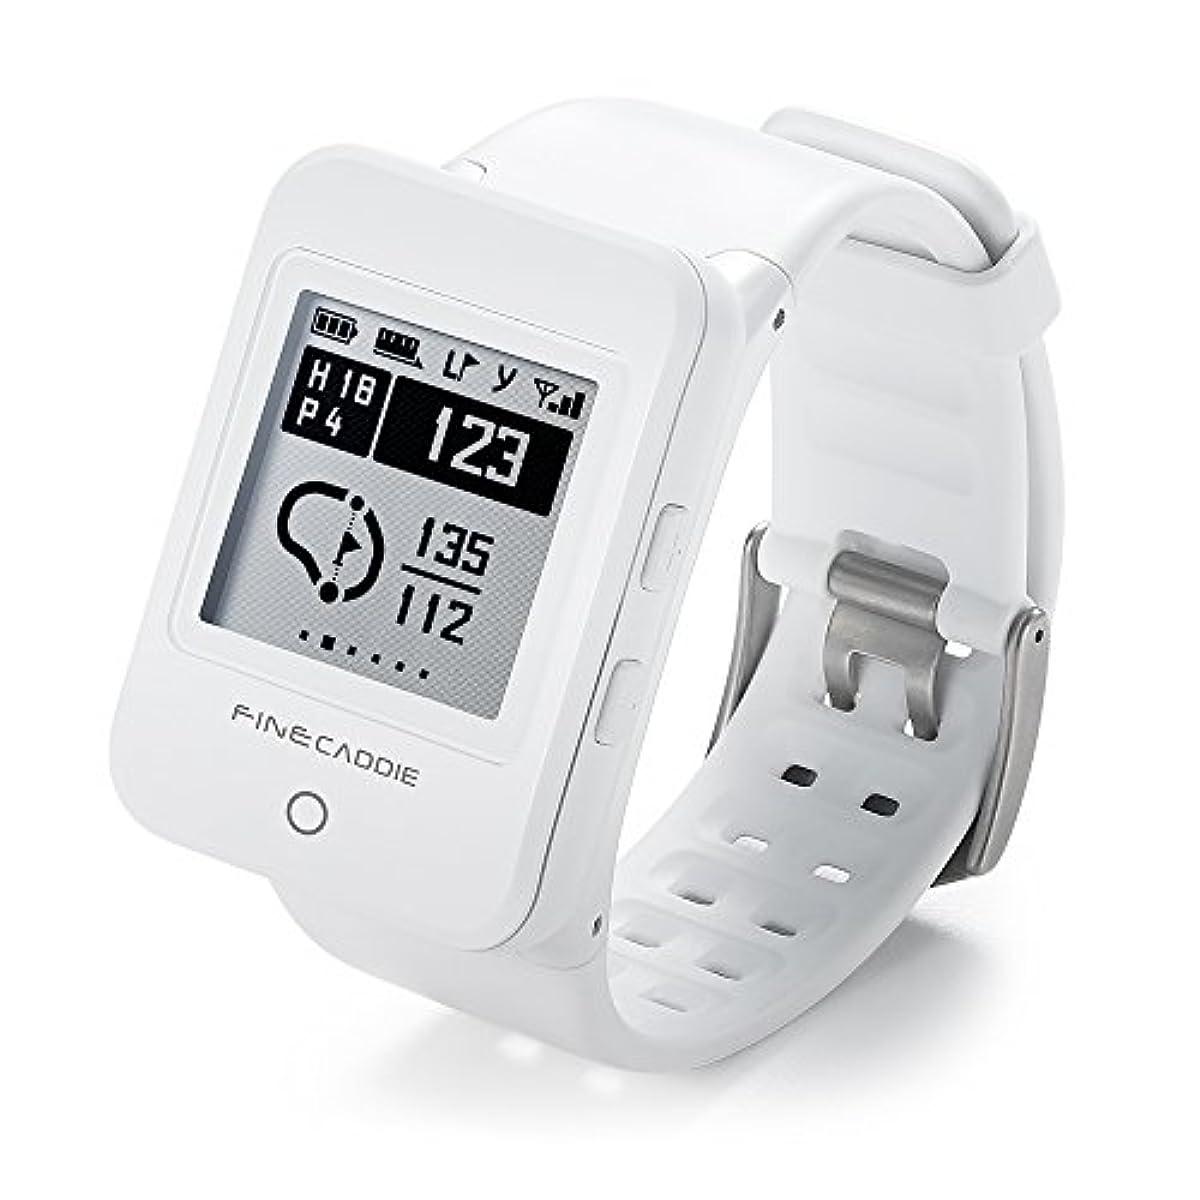 [해외] 골프 네비 골프GPS 거리 측정기 파인 캐디(FINECADDIE) M100알파 클립・손목시계형 음성 안내 도그 레그 대응